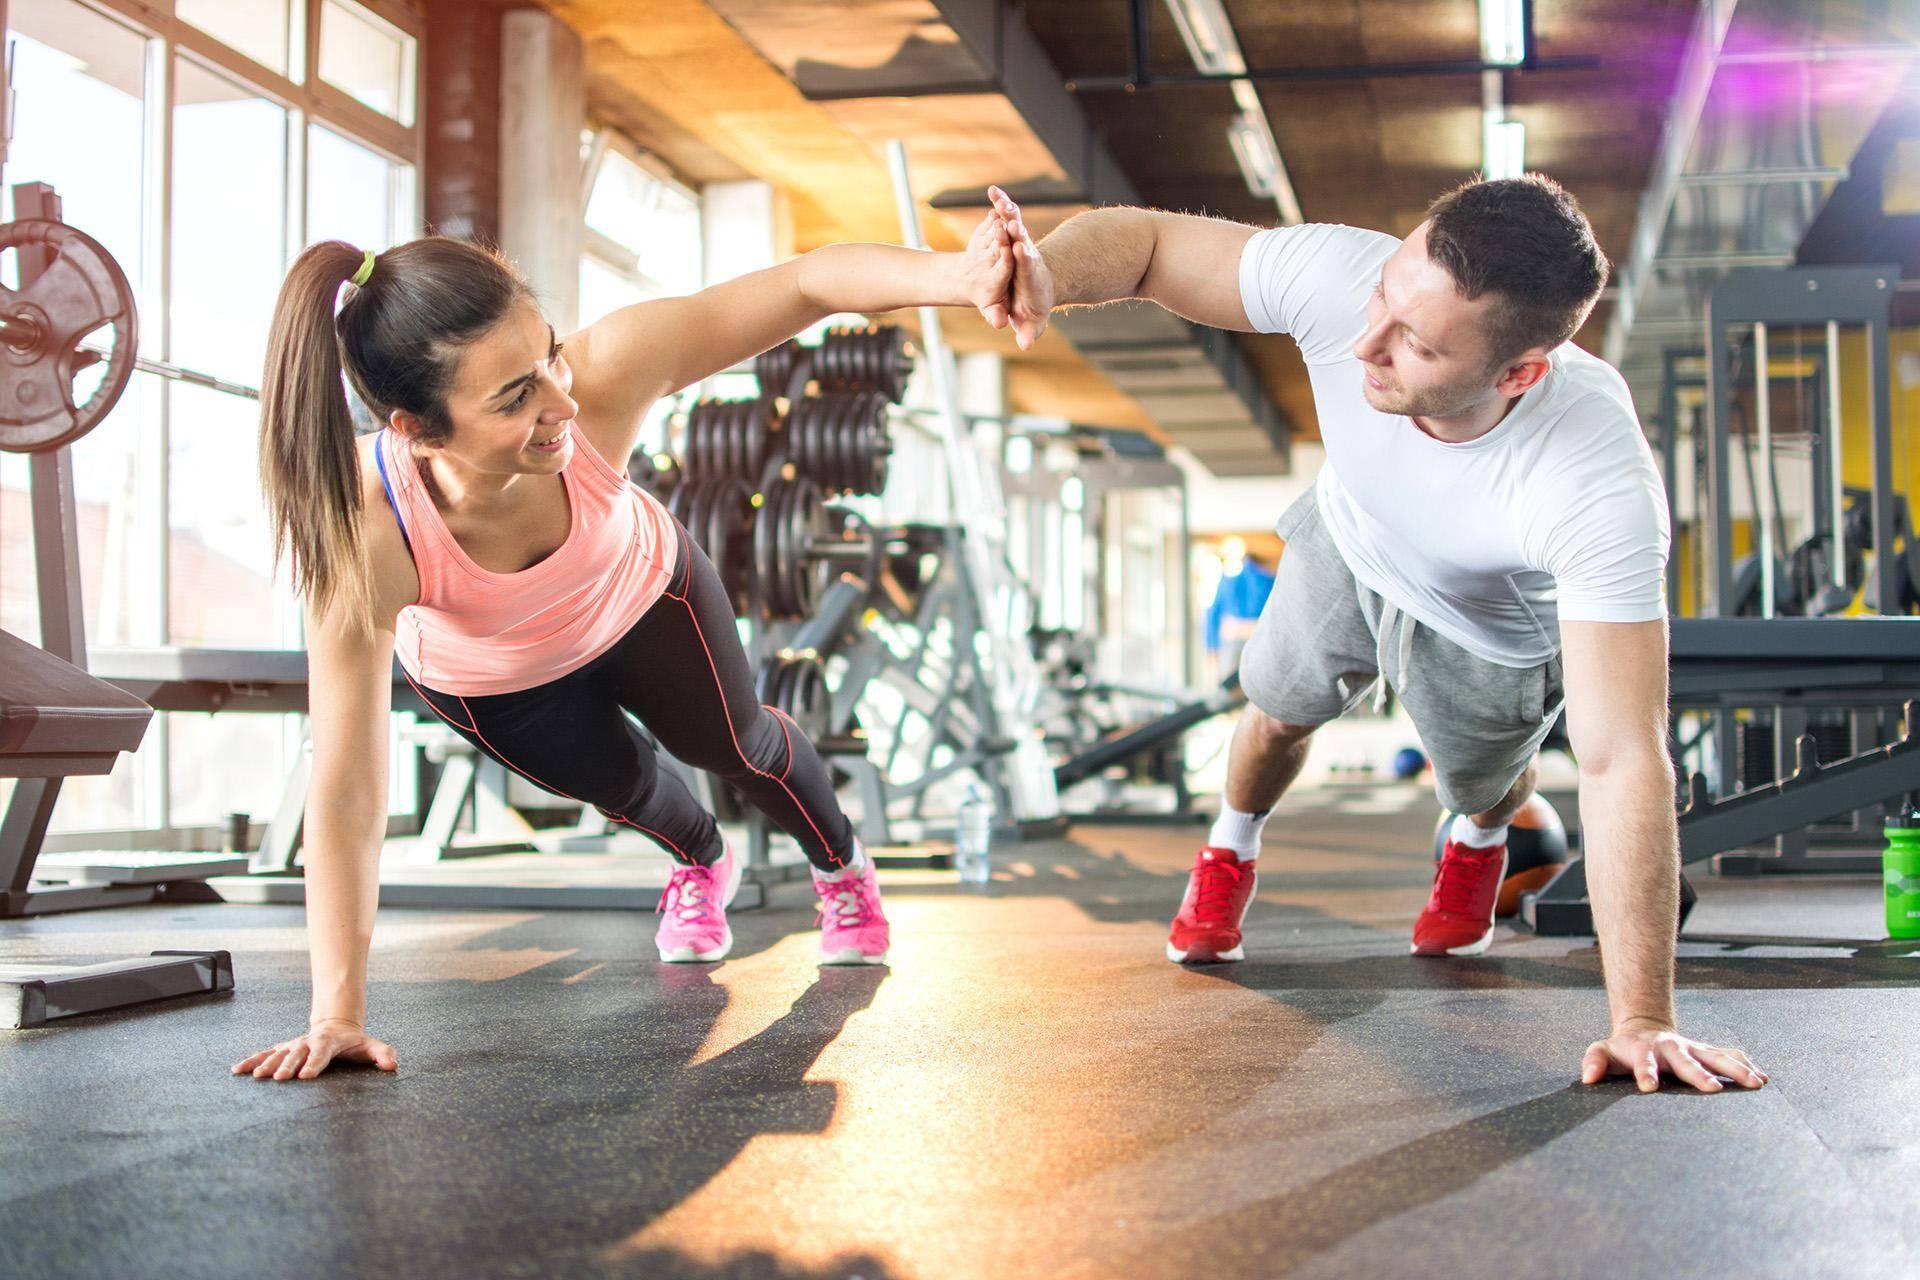 Как правильно тренироваться в спортивном зале: правила и рекомендации